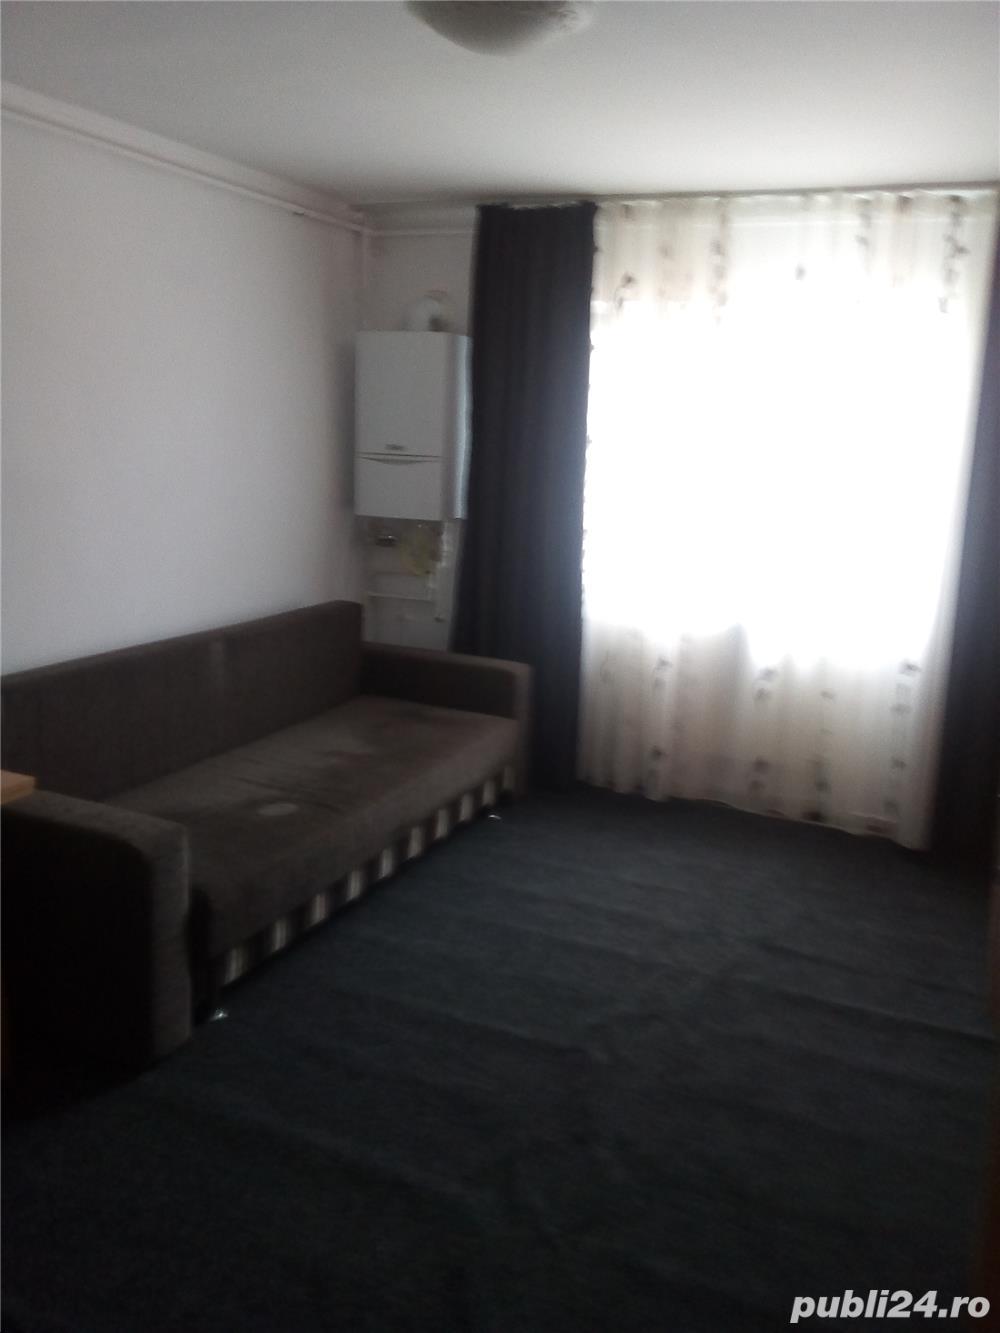 garsoniera, in Timisoara str N. Titulescu 21/A/1, zona Iosefin